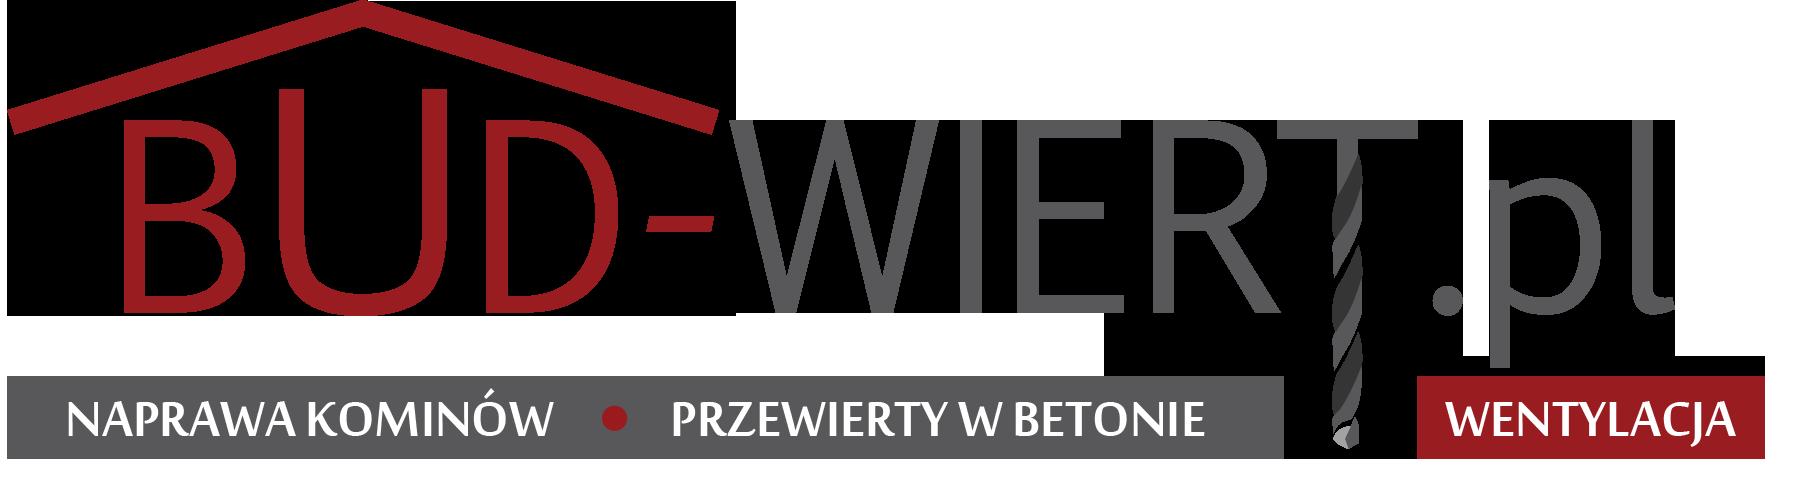 Bud-Wiert – frezowanie kominów, montaż wkładów kominowych